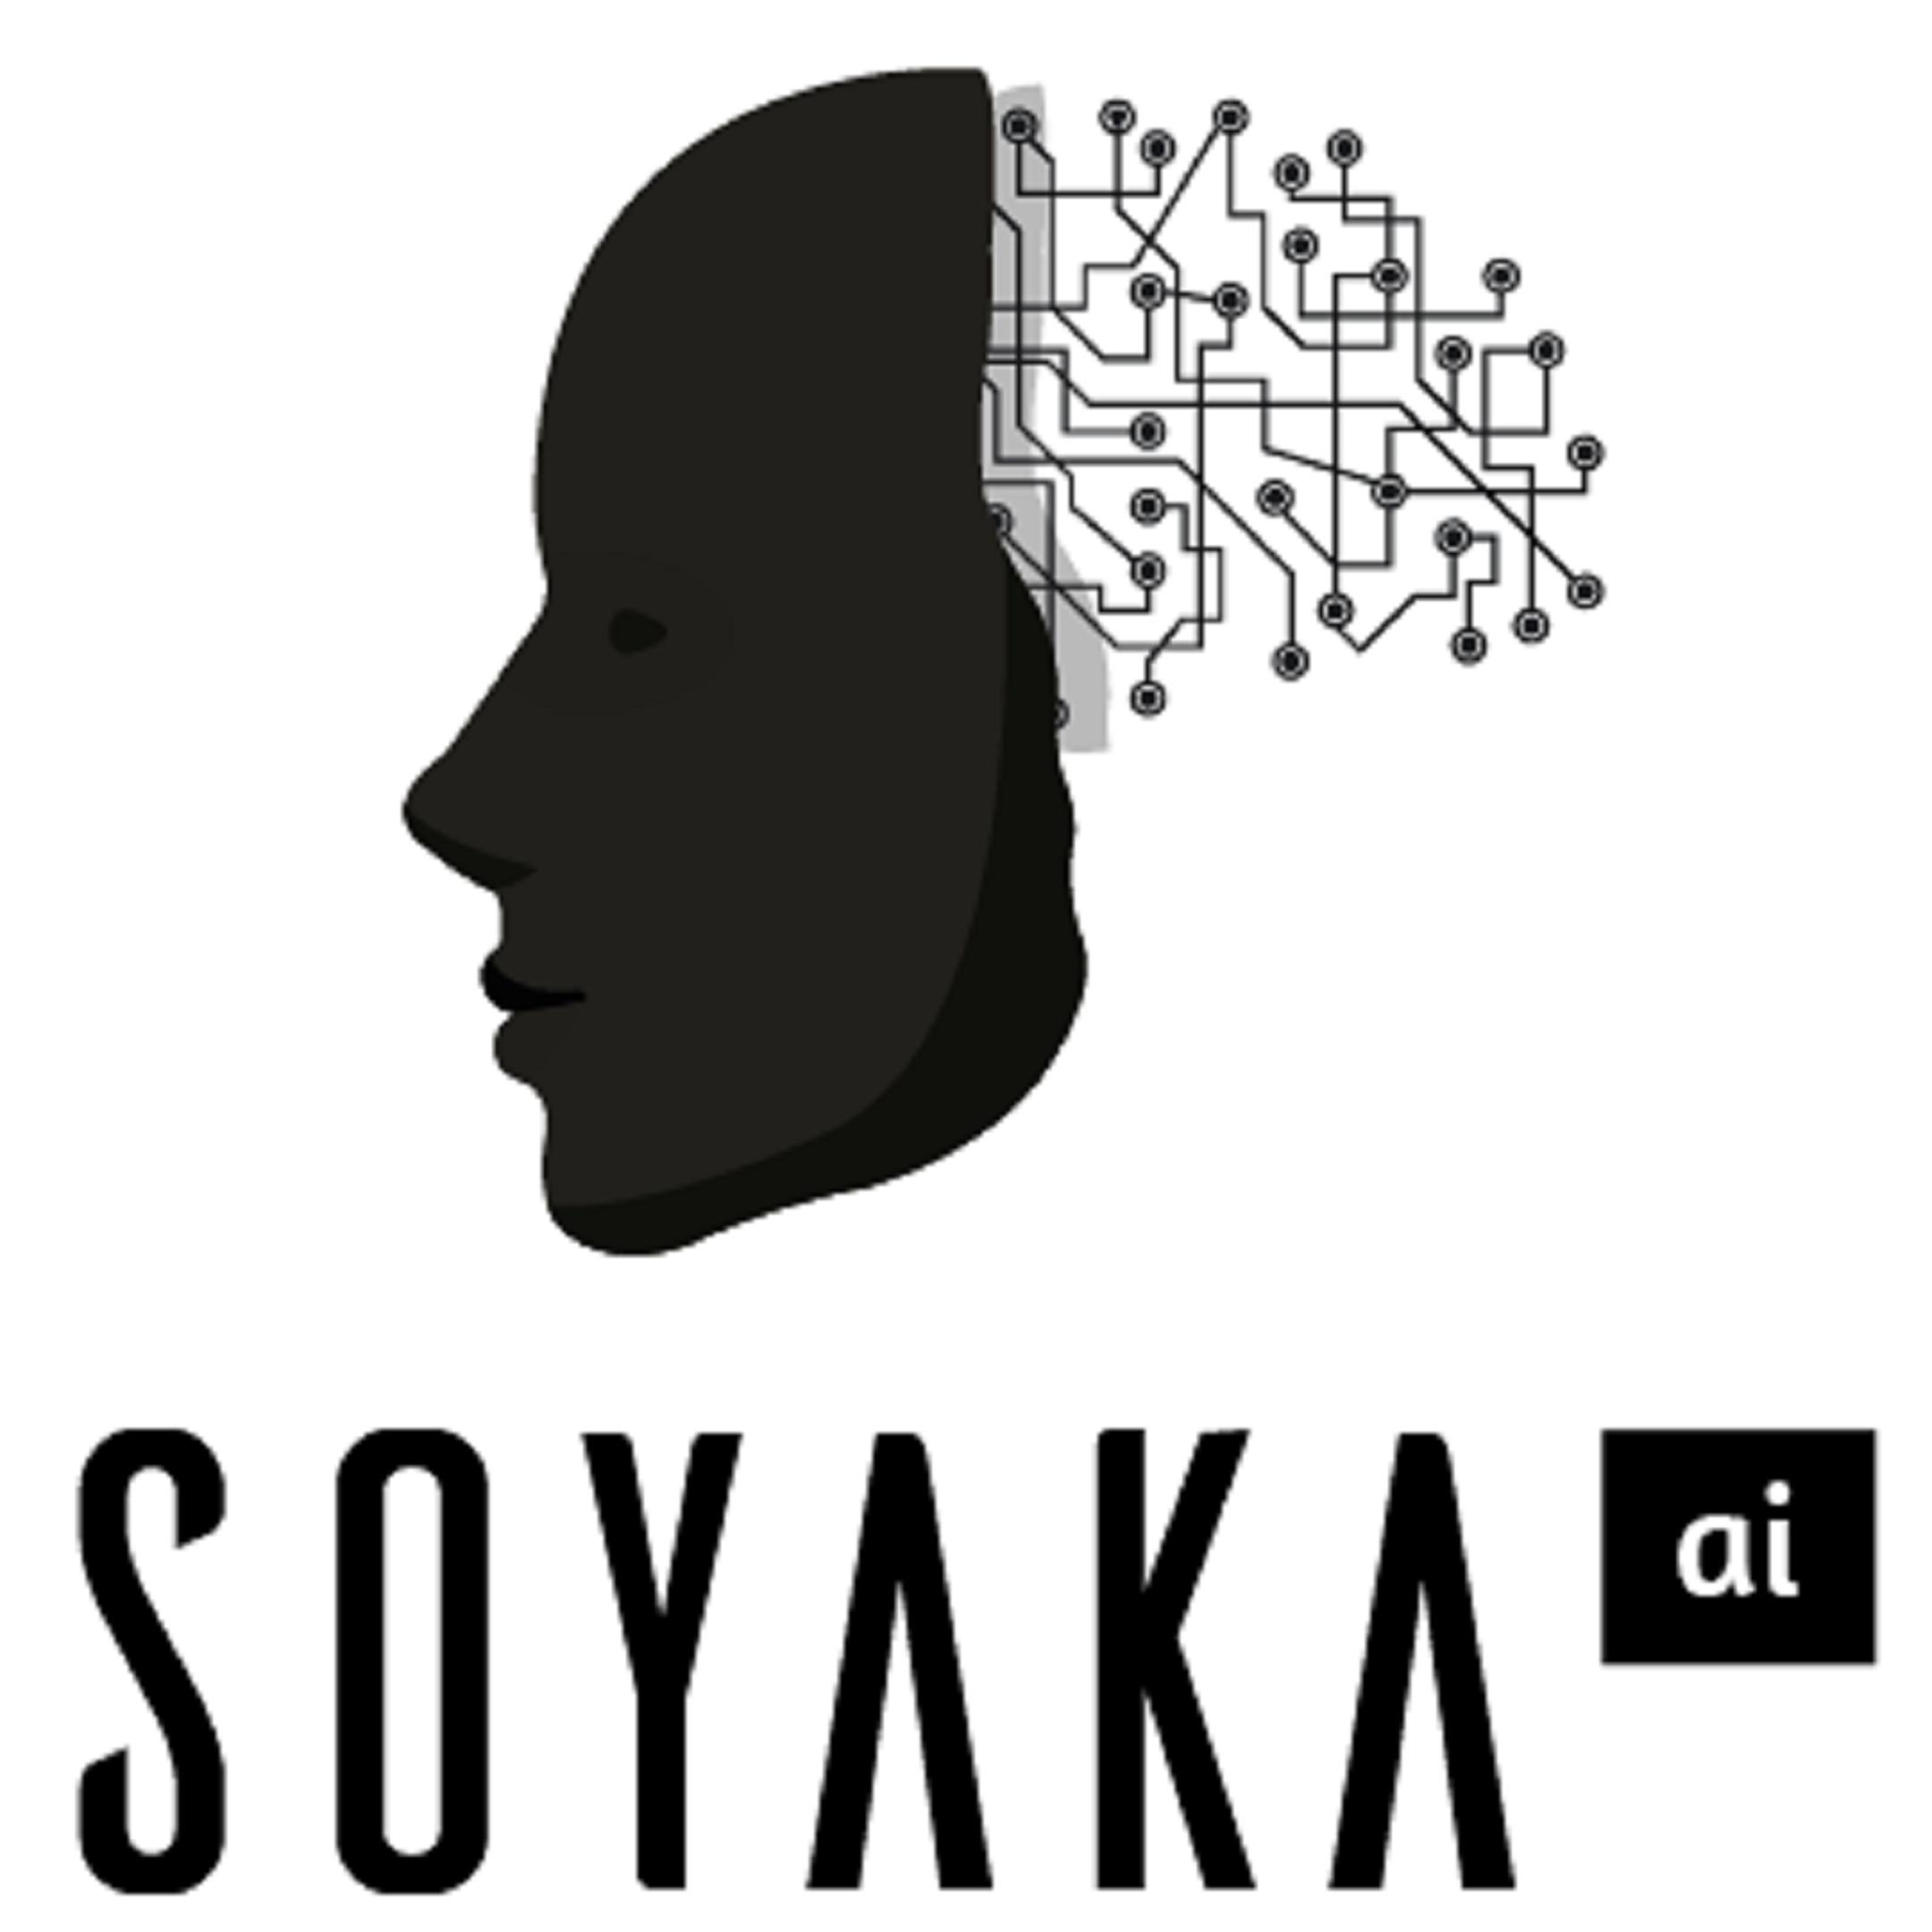 The speaker works for Soyaka AI